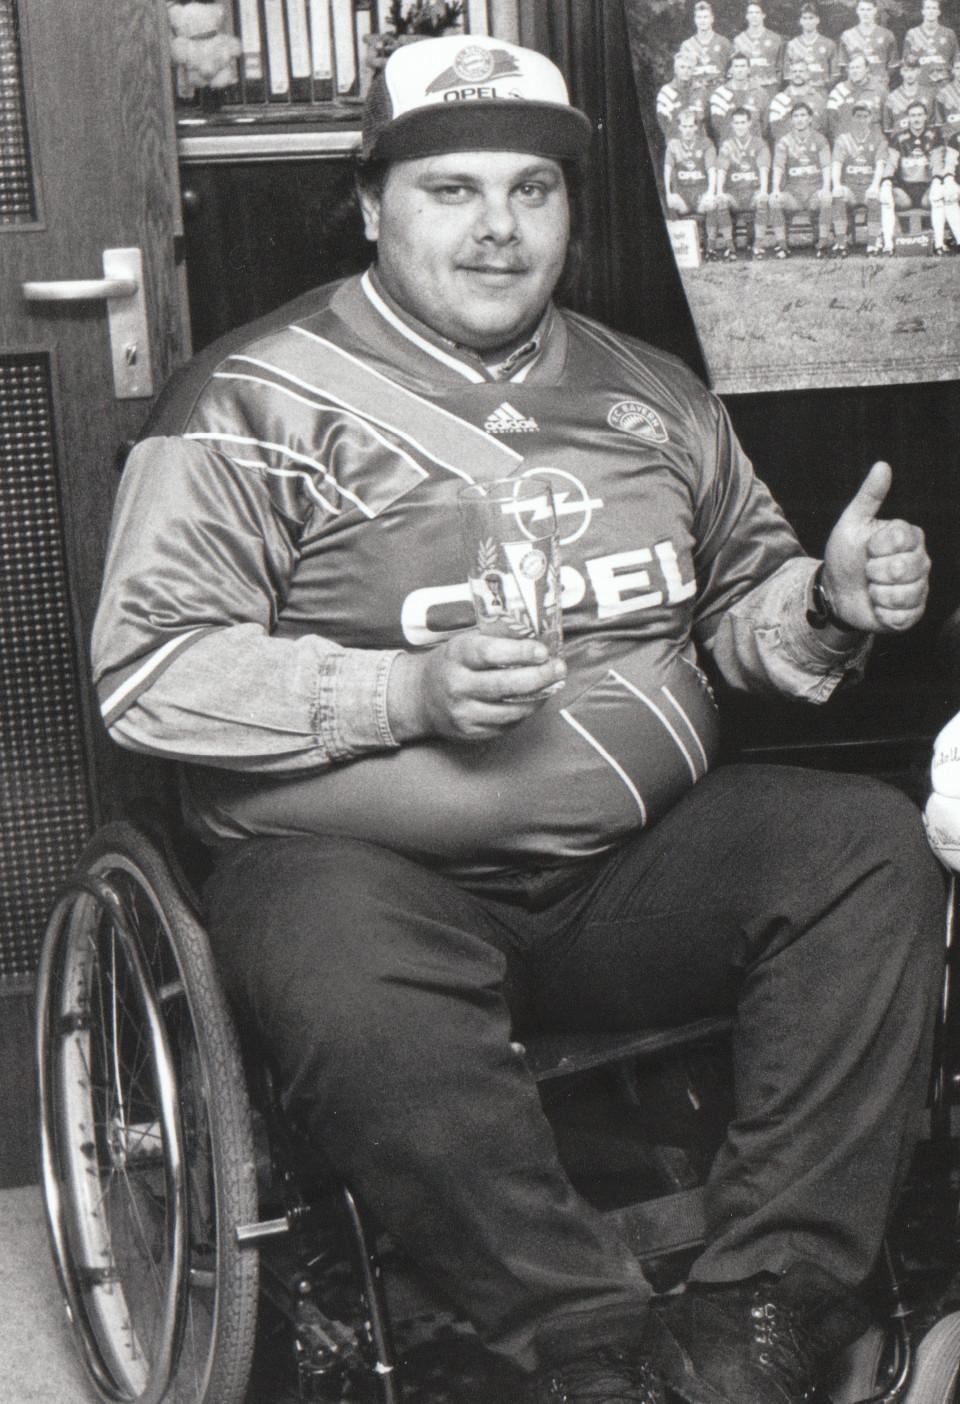 Thomas Winkler, Gründer des Rollwagerl 93 eV, lächelnd, im Rollstuhl, mit Bayern-Cappy und Bayern-Trikot, in der rechten Hand ein Bayern-Trinkglas, den Daumen der linken Hand nach oben.